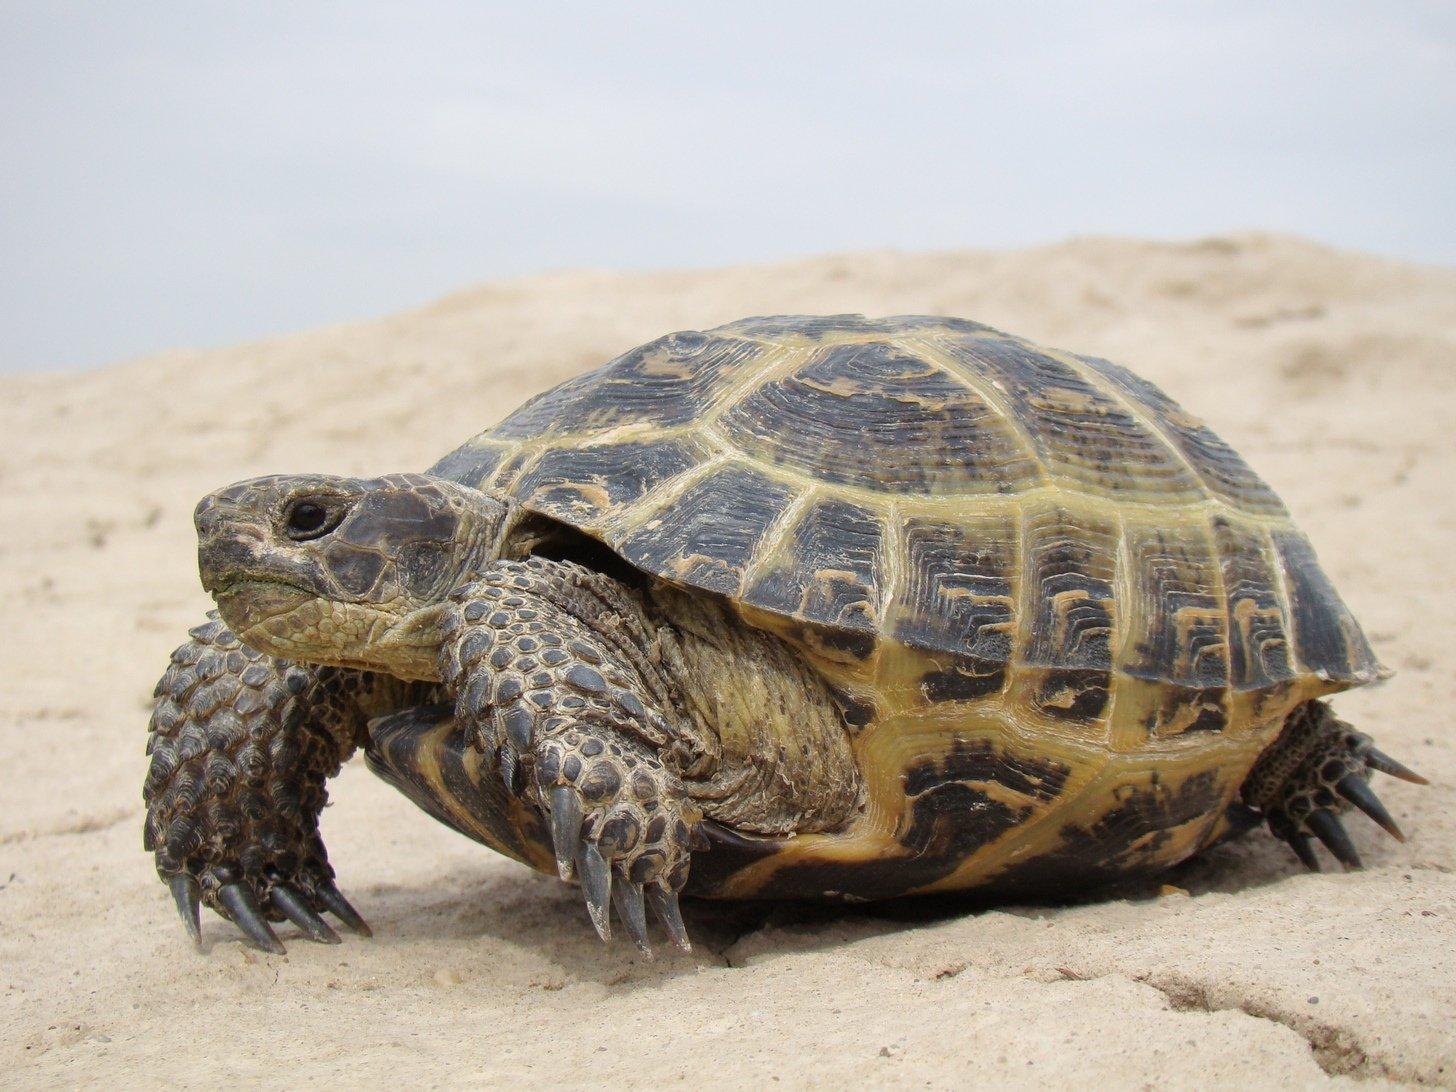 6 довольно отвратительных проблем, о которых никто не предупреждает хозяев экзотических домашних животных